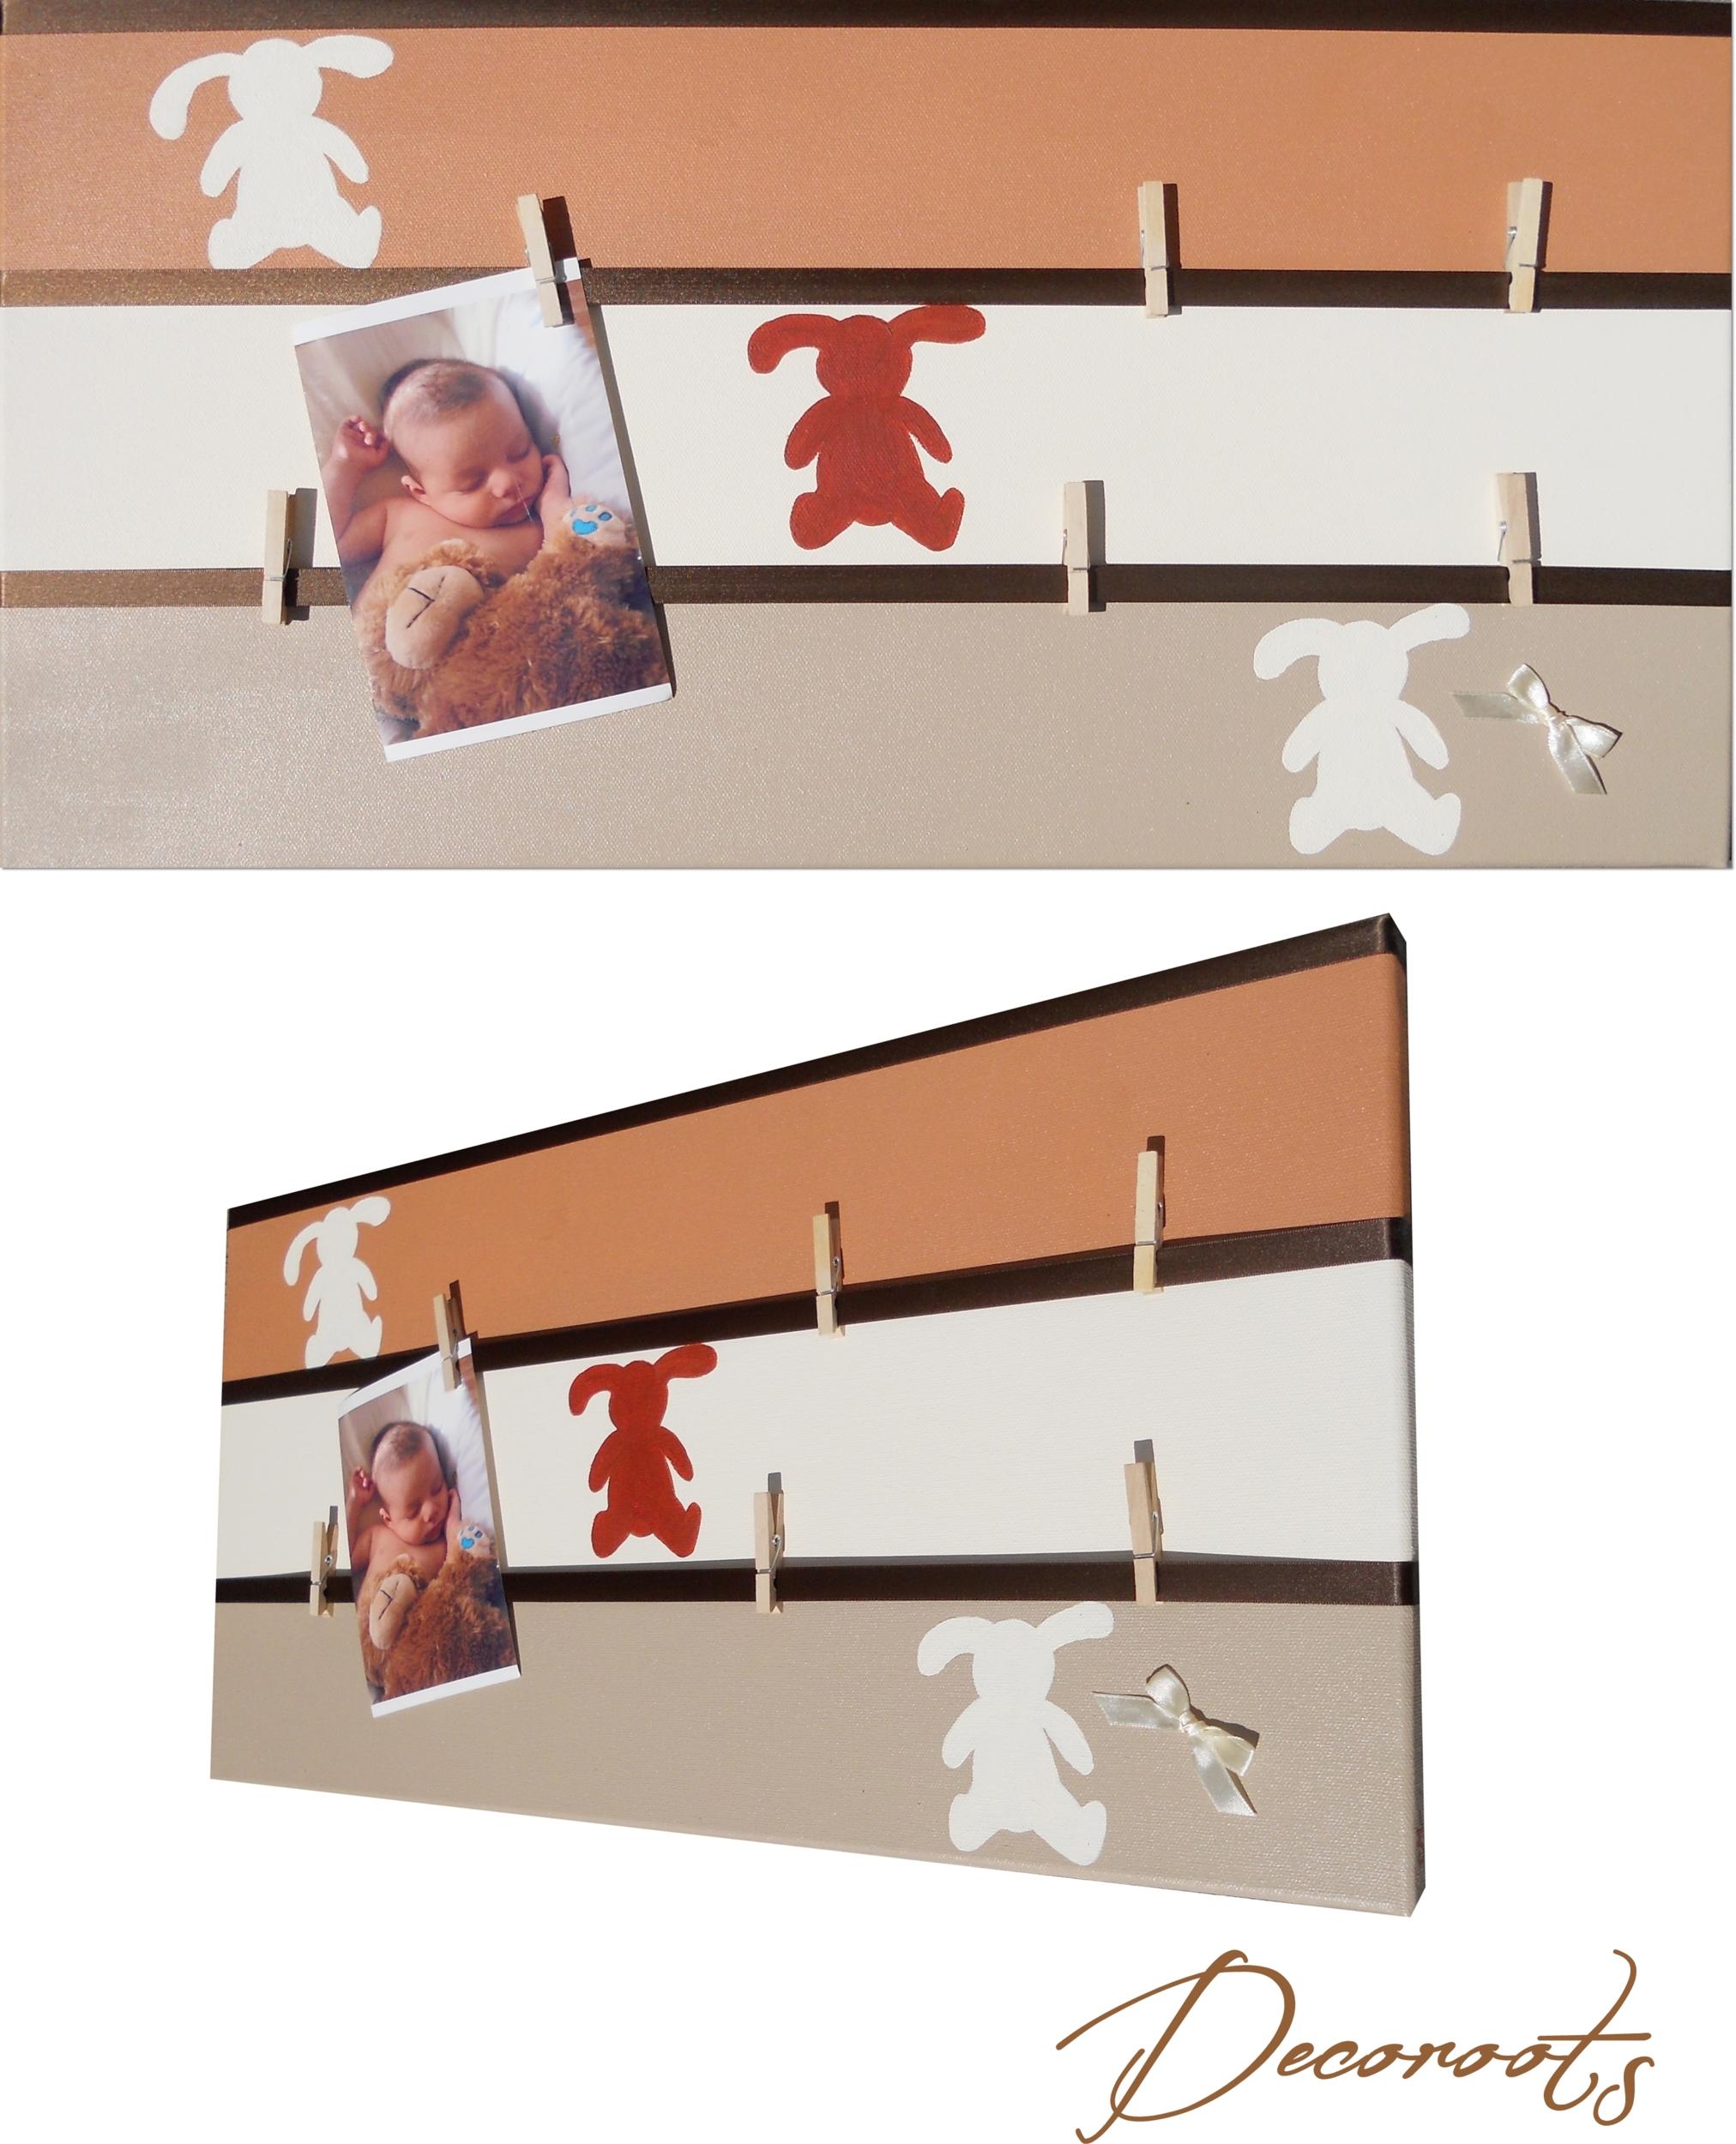 pele mele lapin chocolat marron beige enfant bébé 3